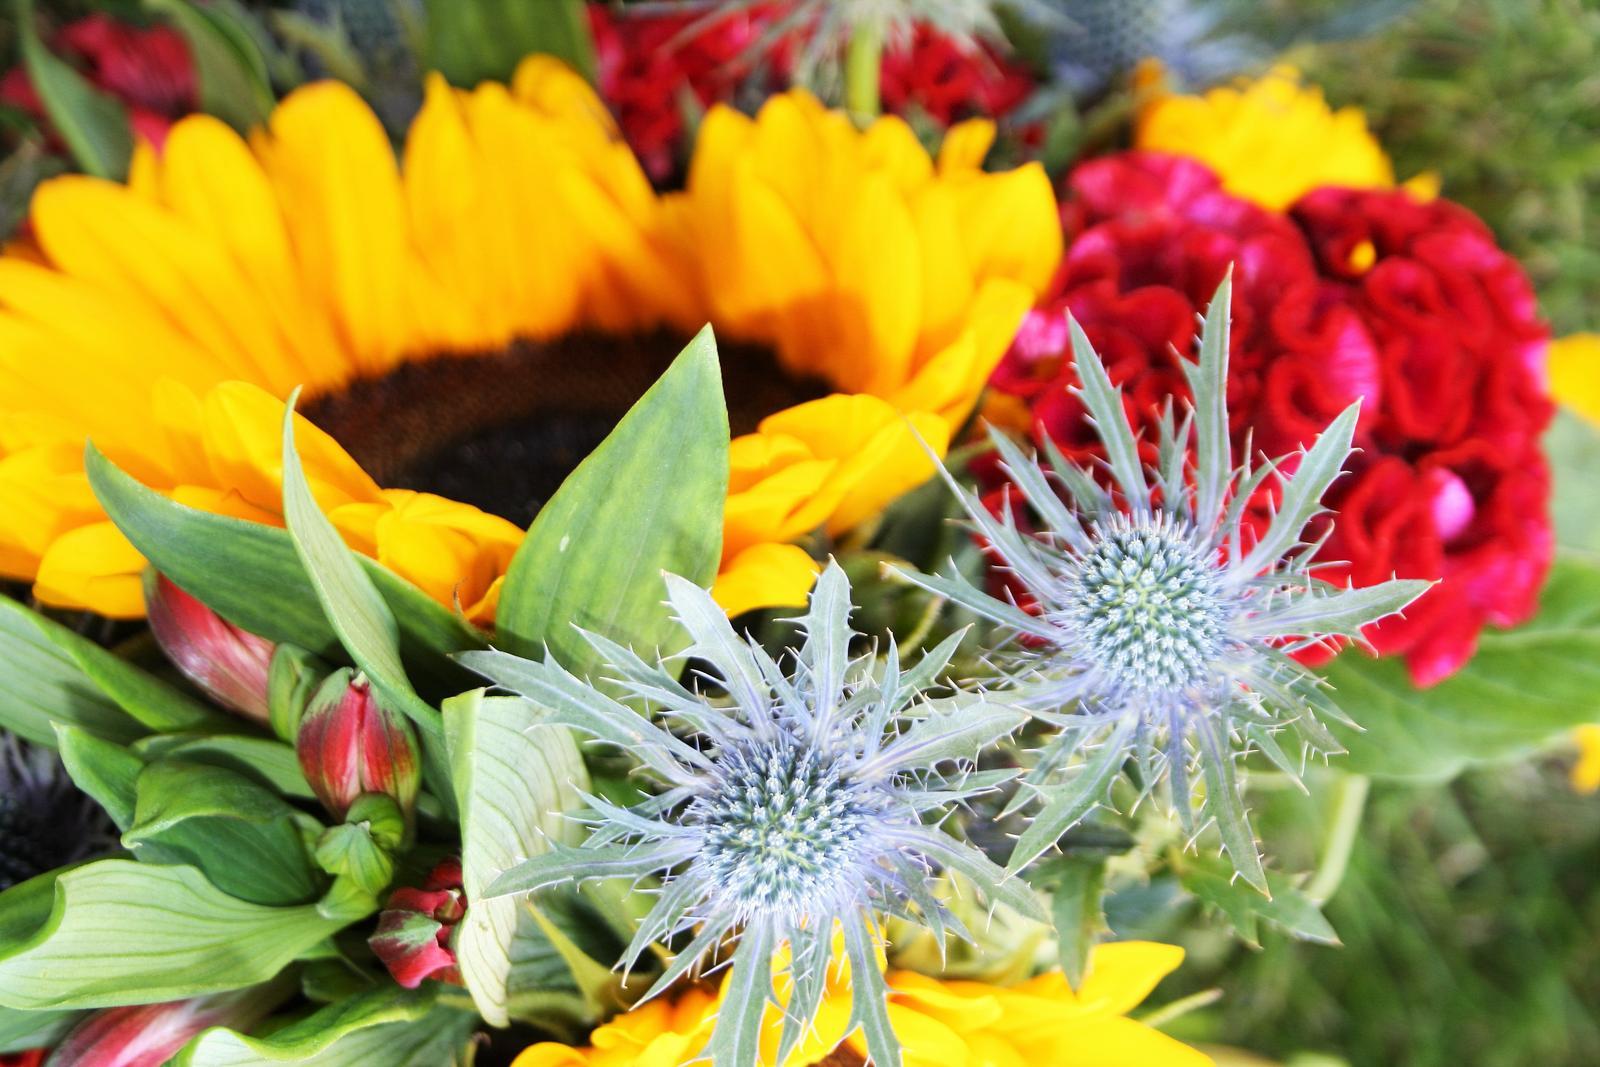 Jarne a letne aranzmany a dekoracie - Detail slnecnicovej kytice